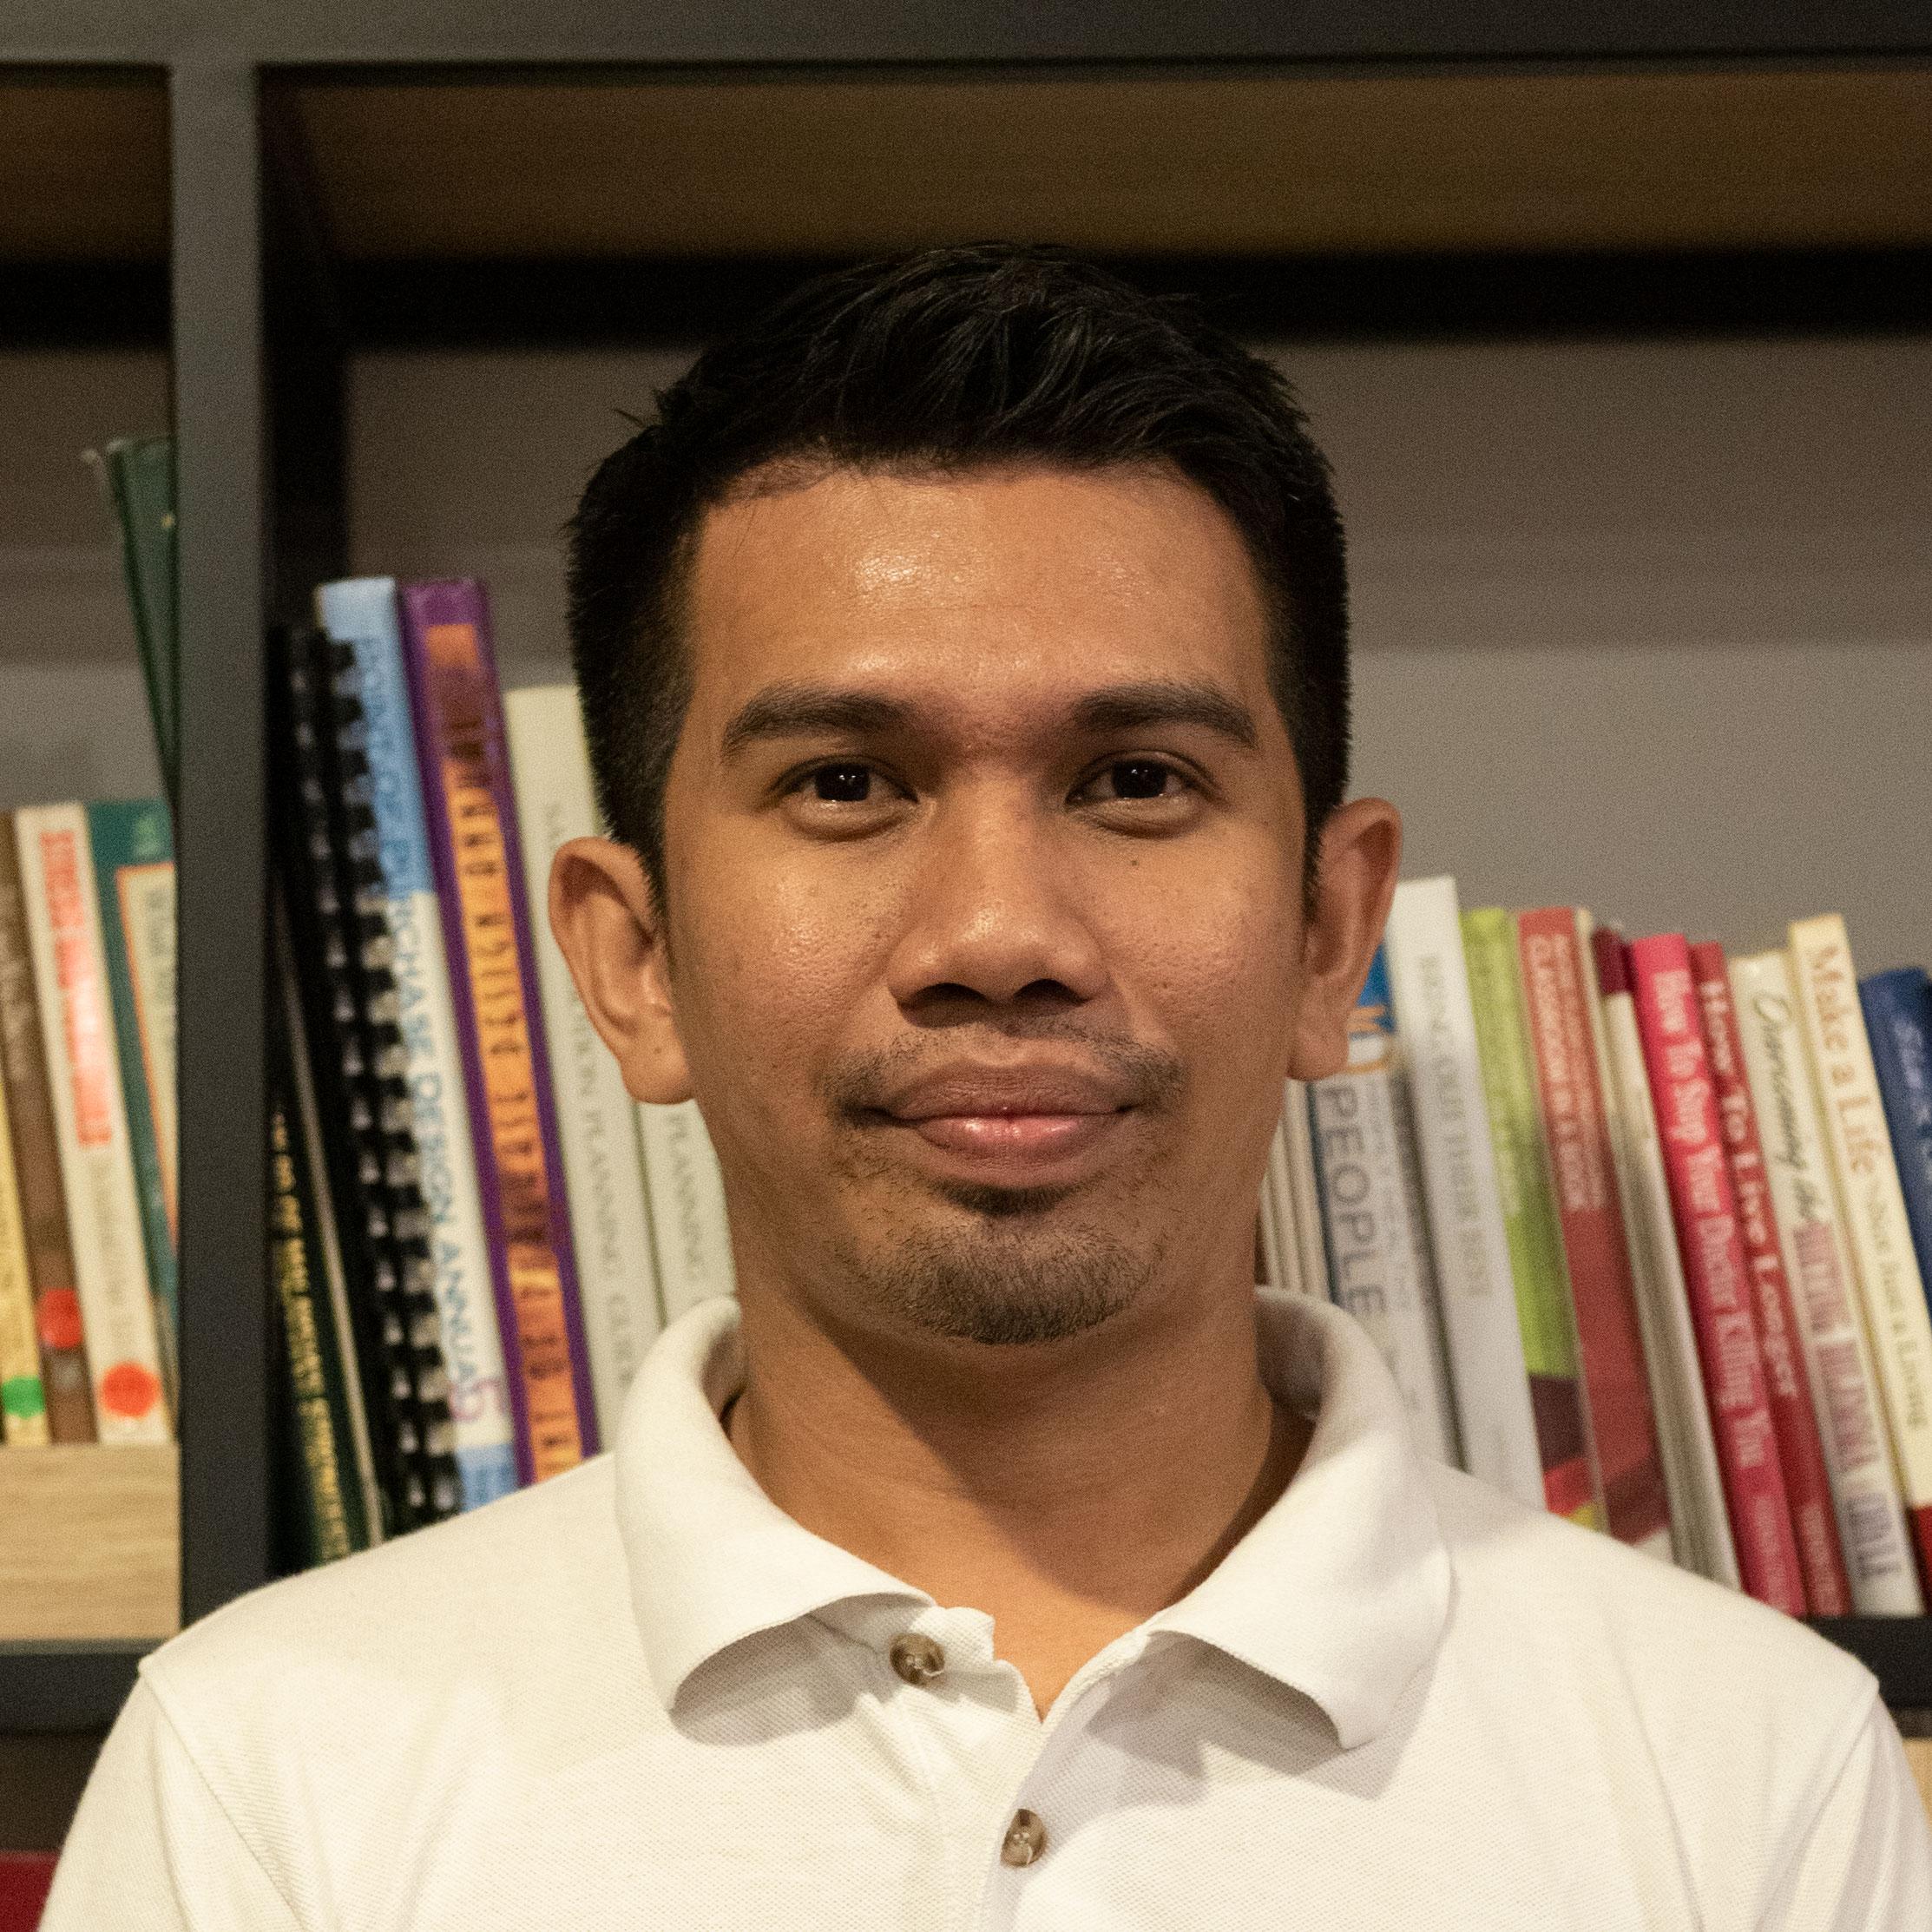 Muhammad Hanafi Khairuddin